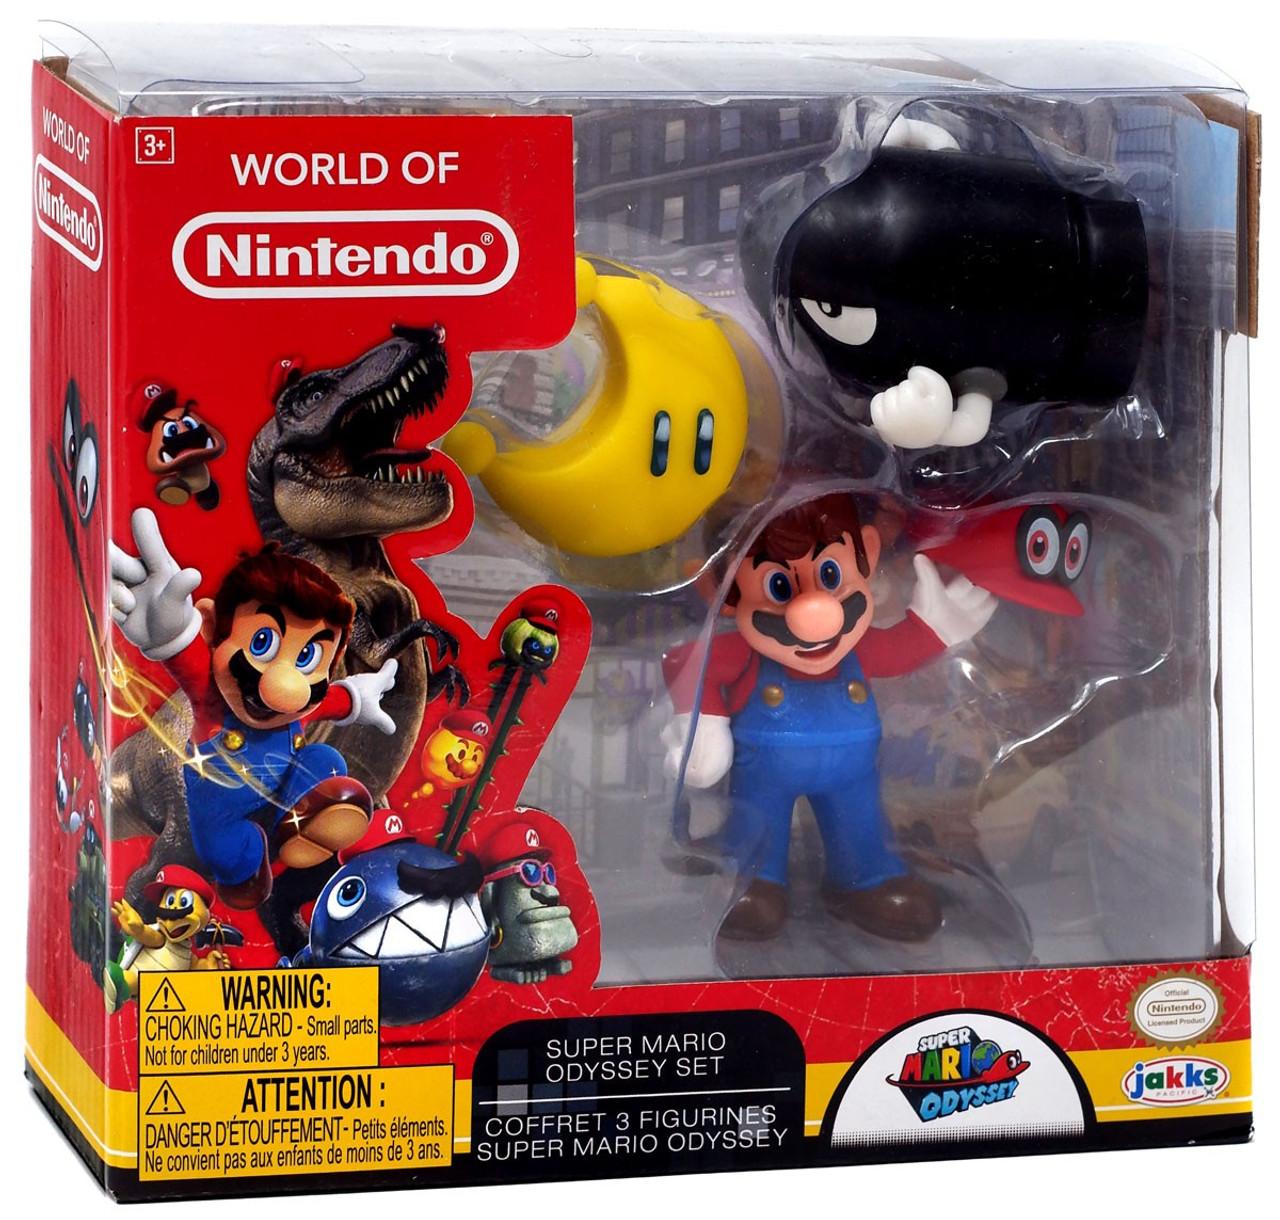 World Of Nintendo Super Mario Odyssey Mario With Cappy Power Moon